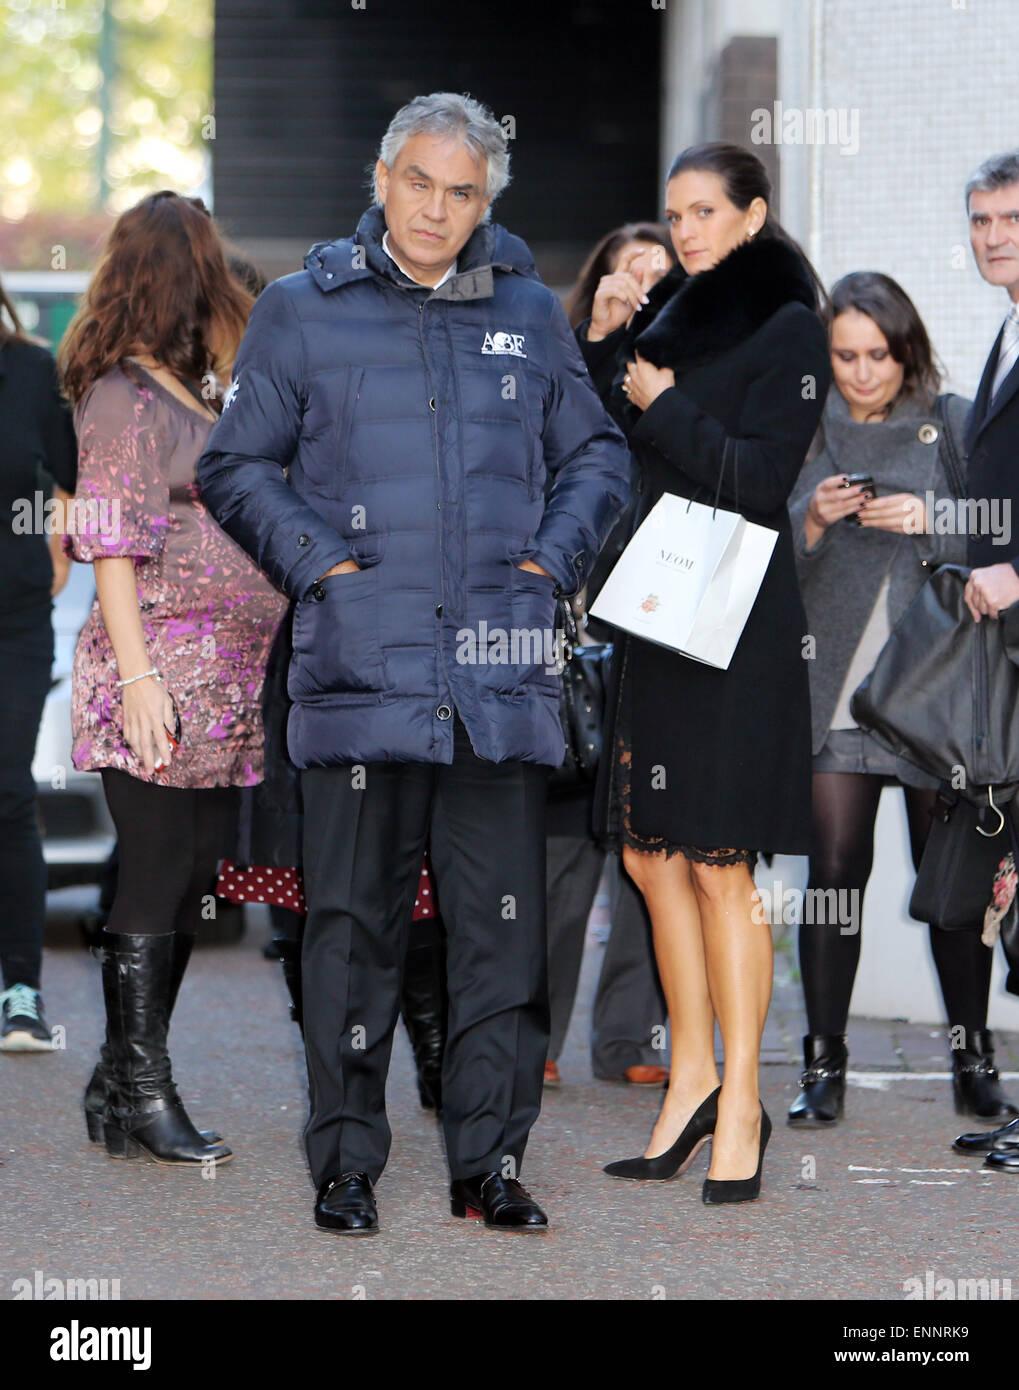 Andrea Bocelli and his wife, Veronica Berti outside the ITV ...